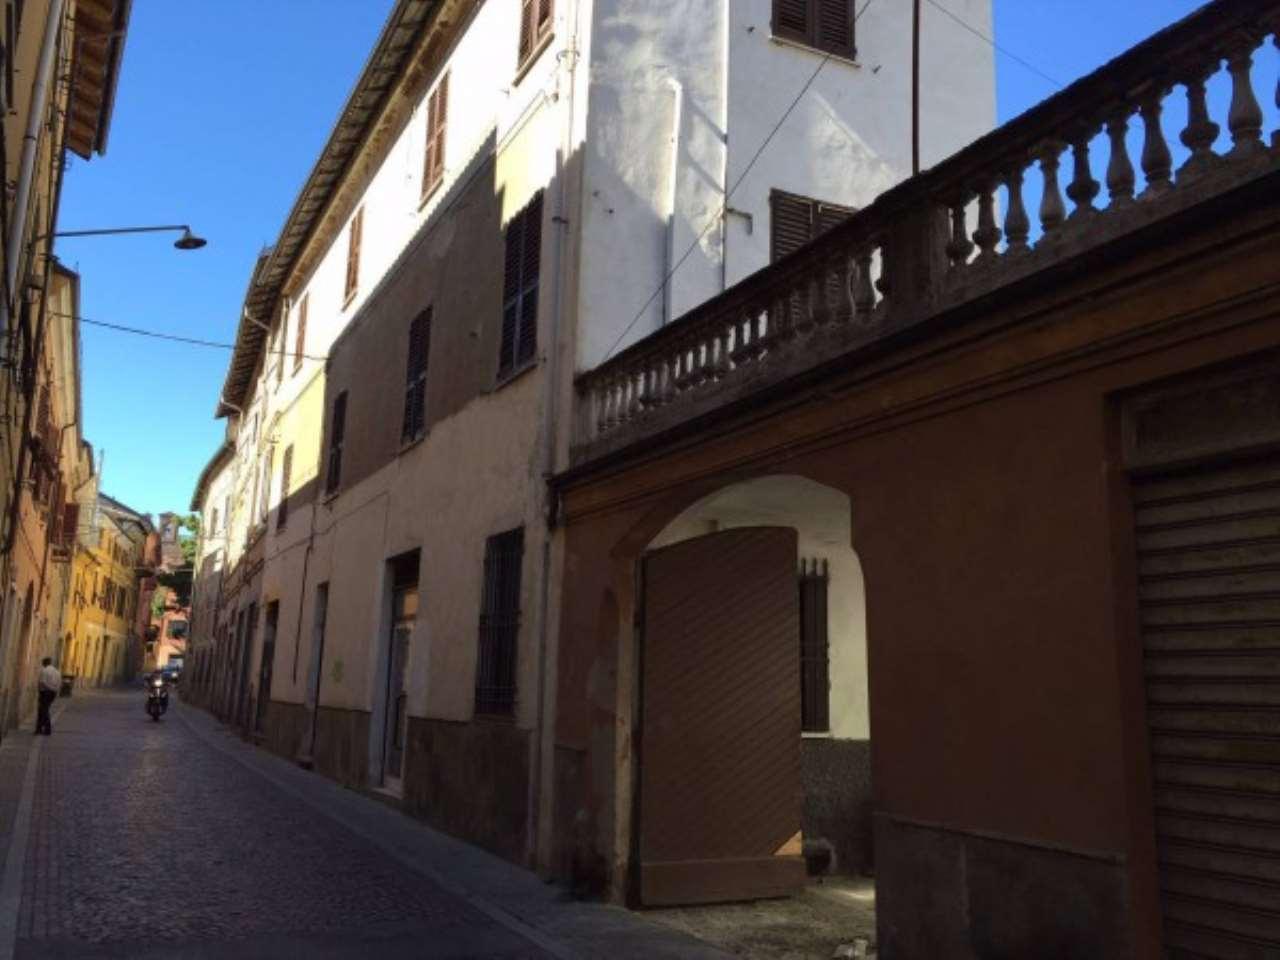 Palazzo / Stabile in vendita a Novi Ligure, 5 locali, Trattative riservate   Cambio Casa.it